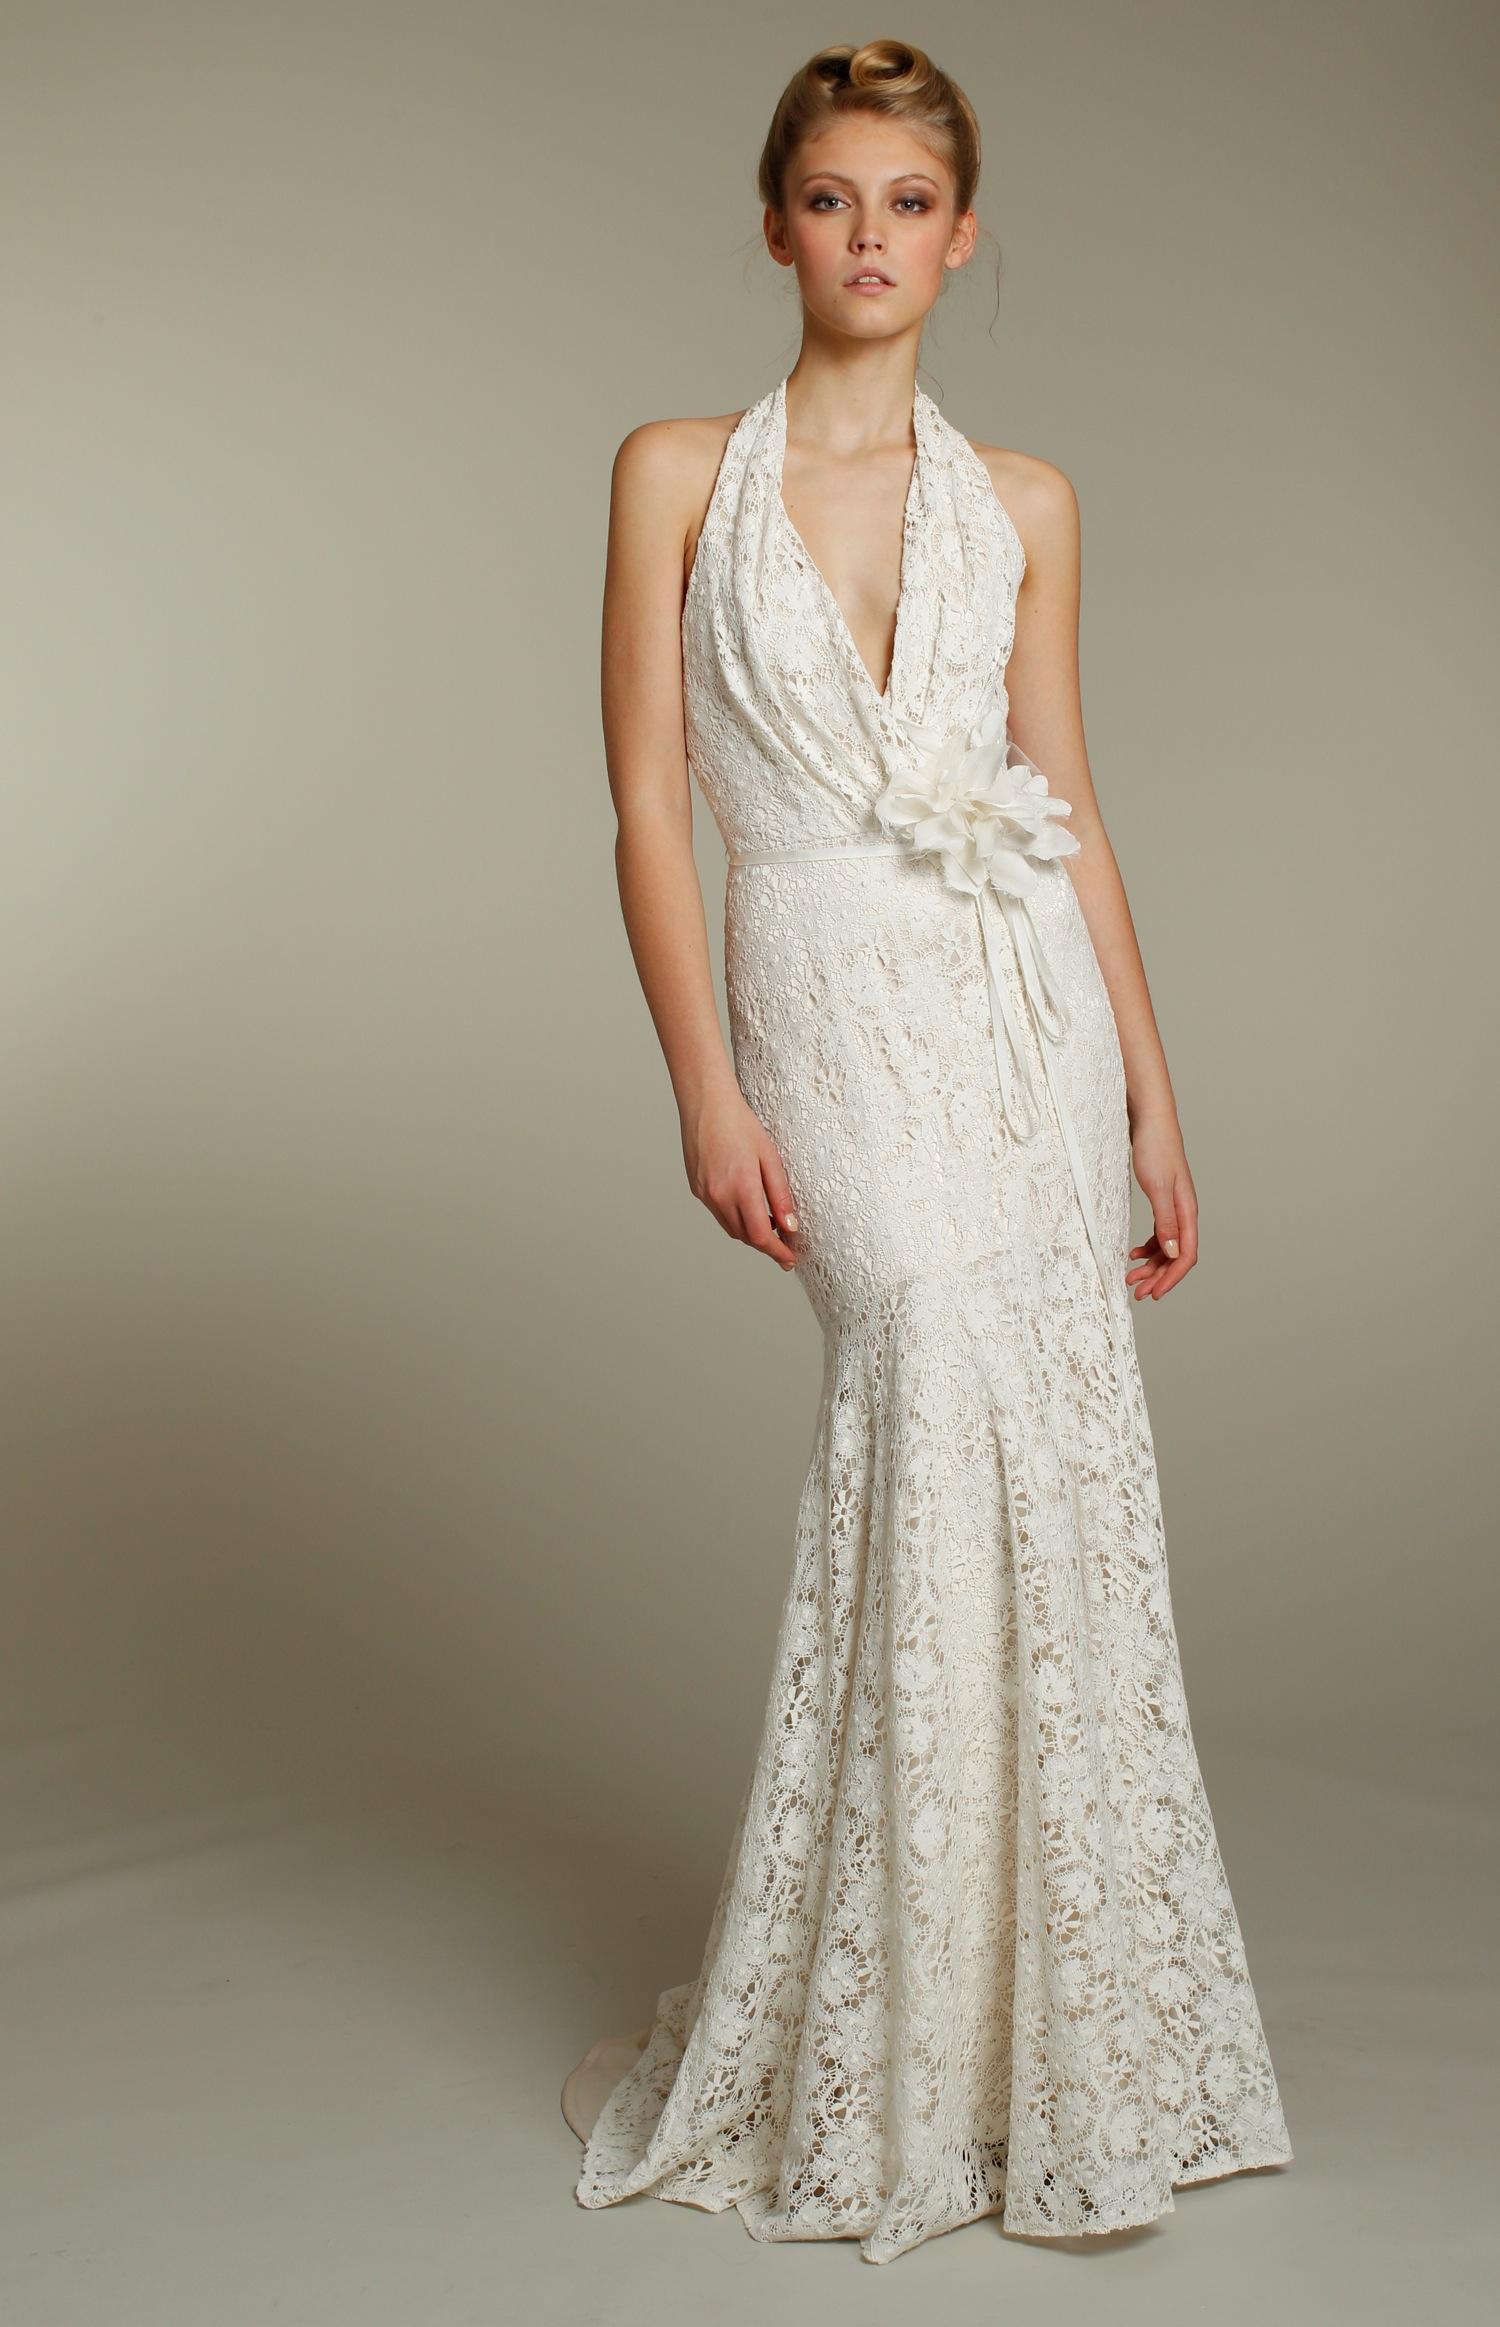 White Halter Short Wedding Dress